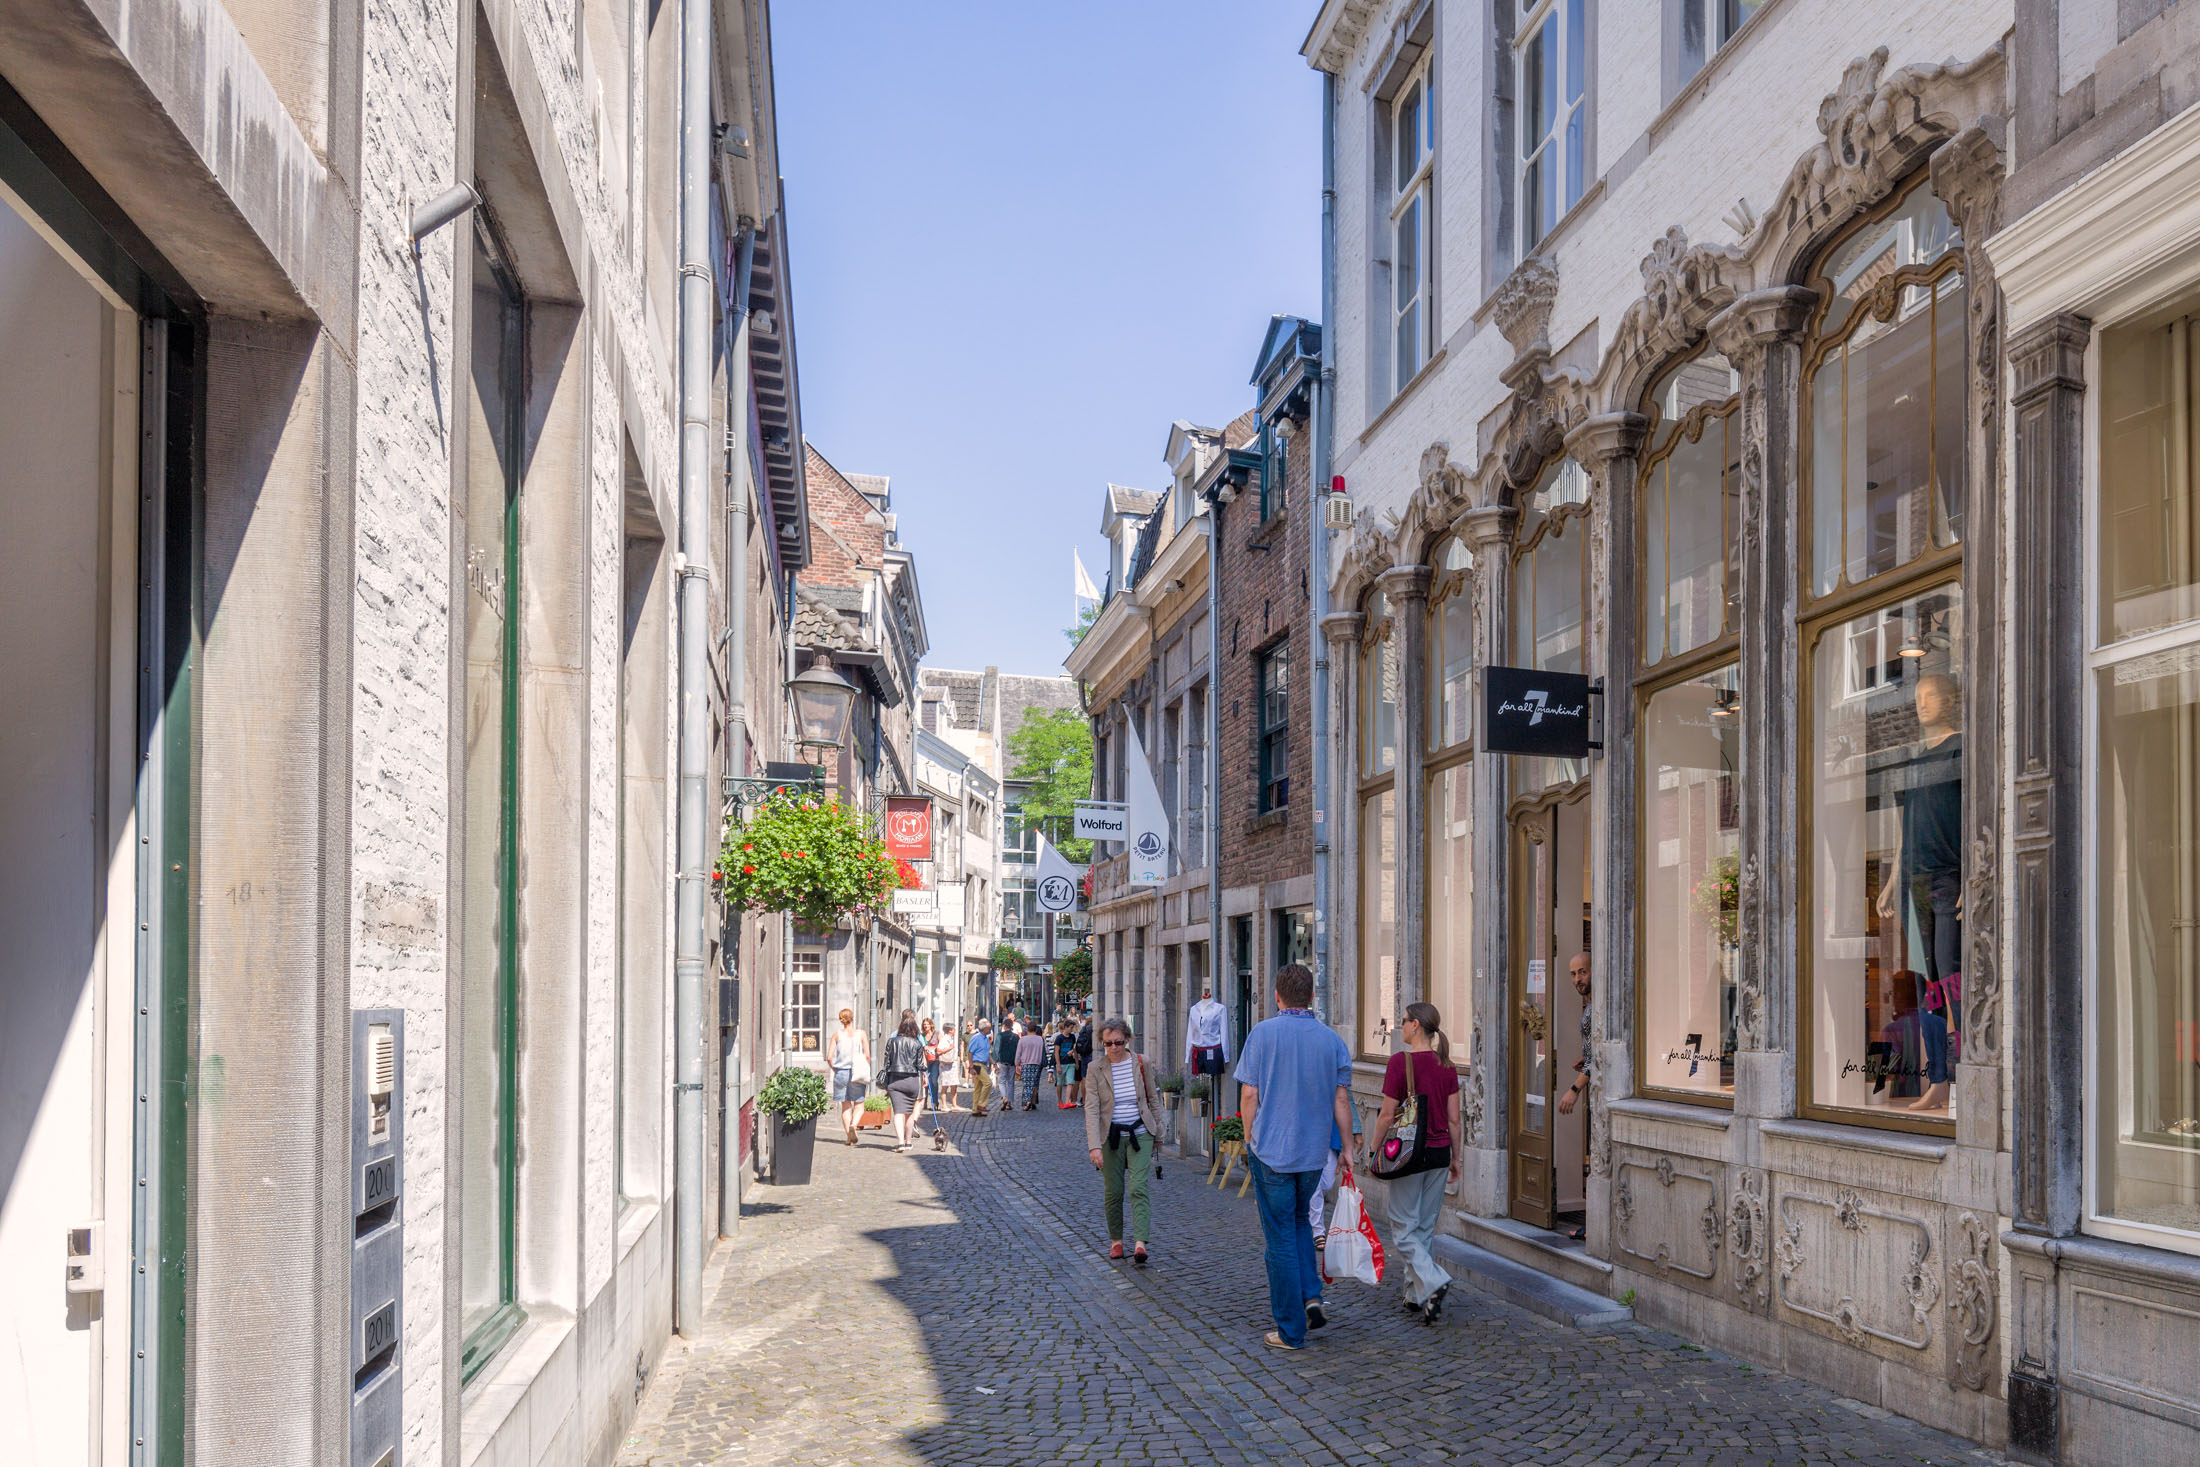 Maastricht-Stokstraat-2.jpg